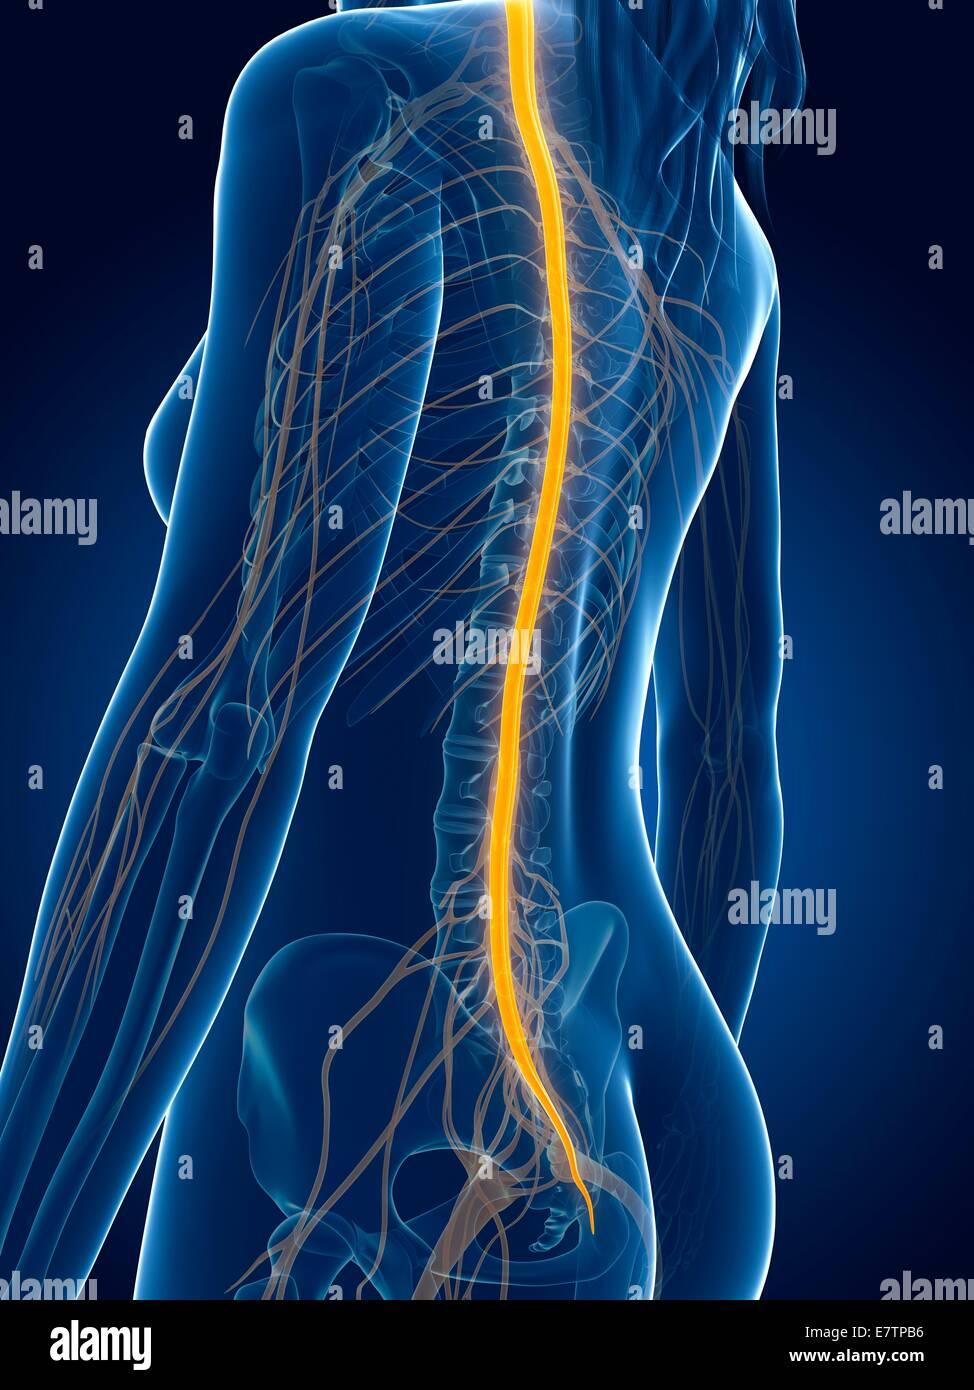 Menschlichen Rückenmark, Computer-Grafik Stockfoto, Bild: 73688474 ...